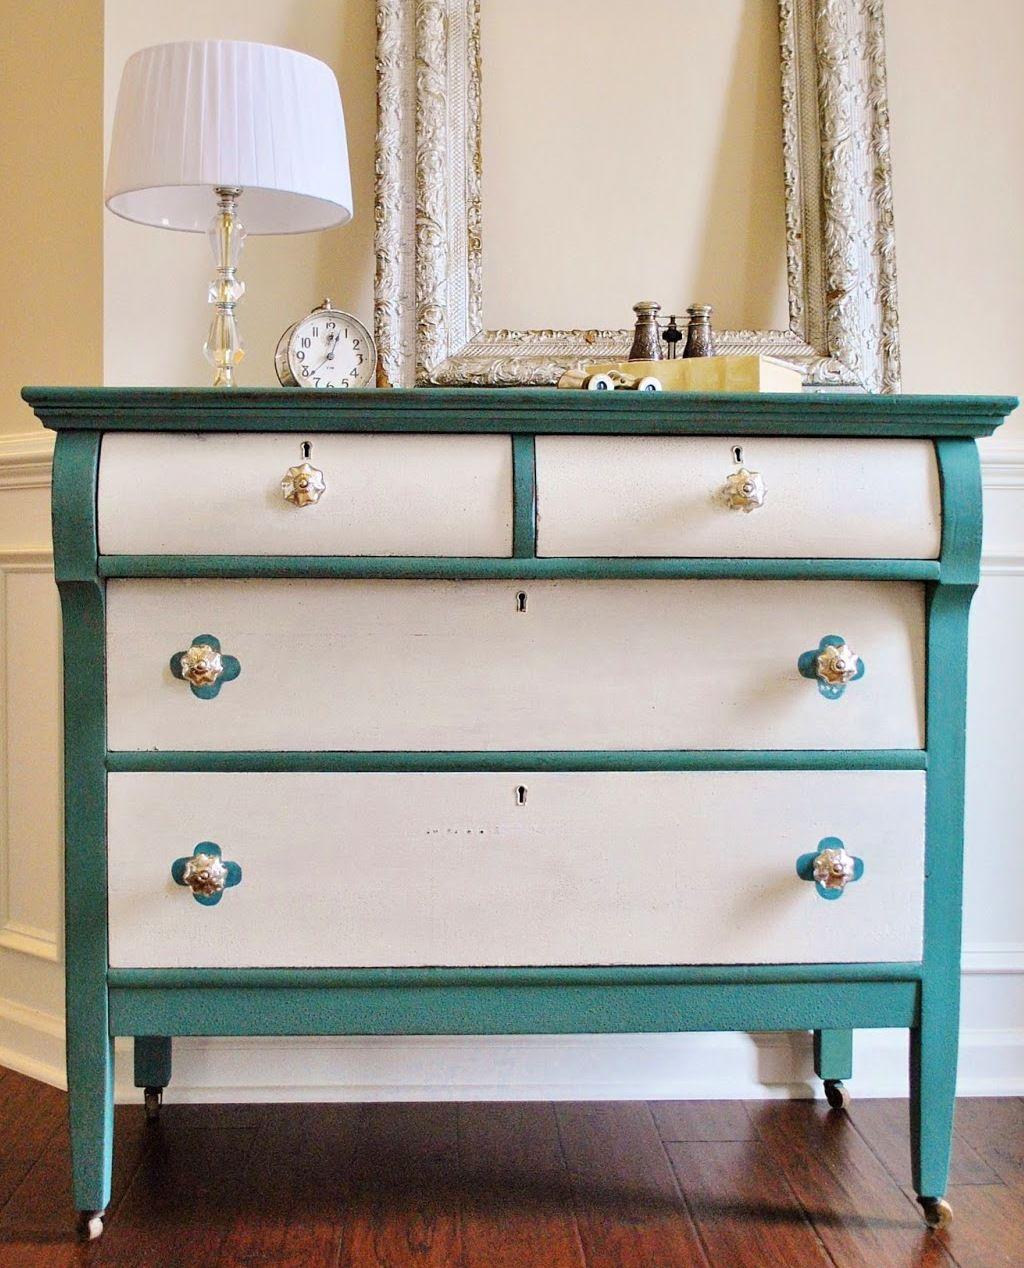 Interessante Möbel-Streichen-Ideen | Blau und Weiß, Blau und Möbel